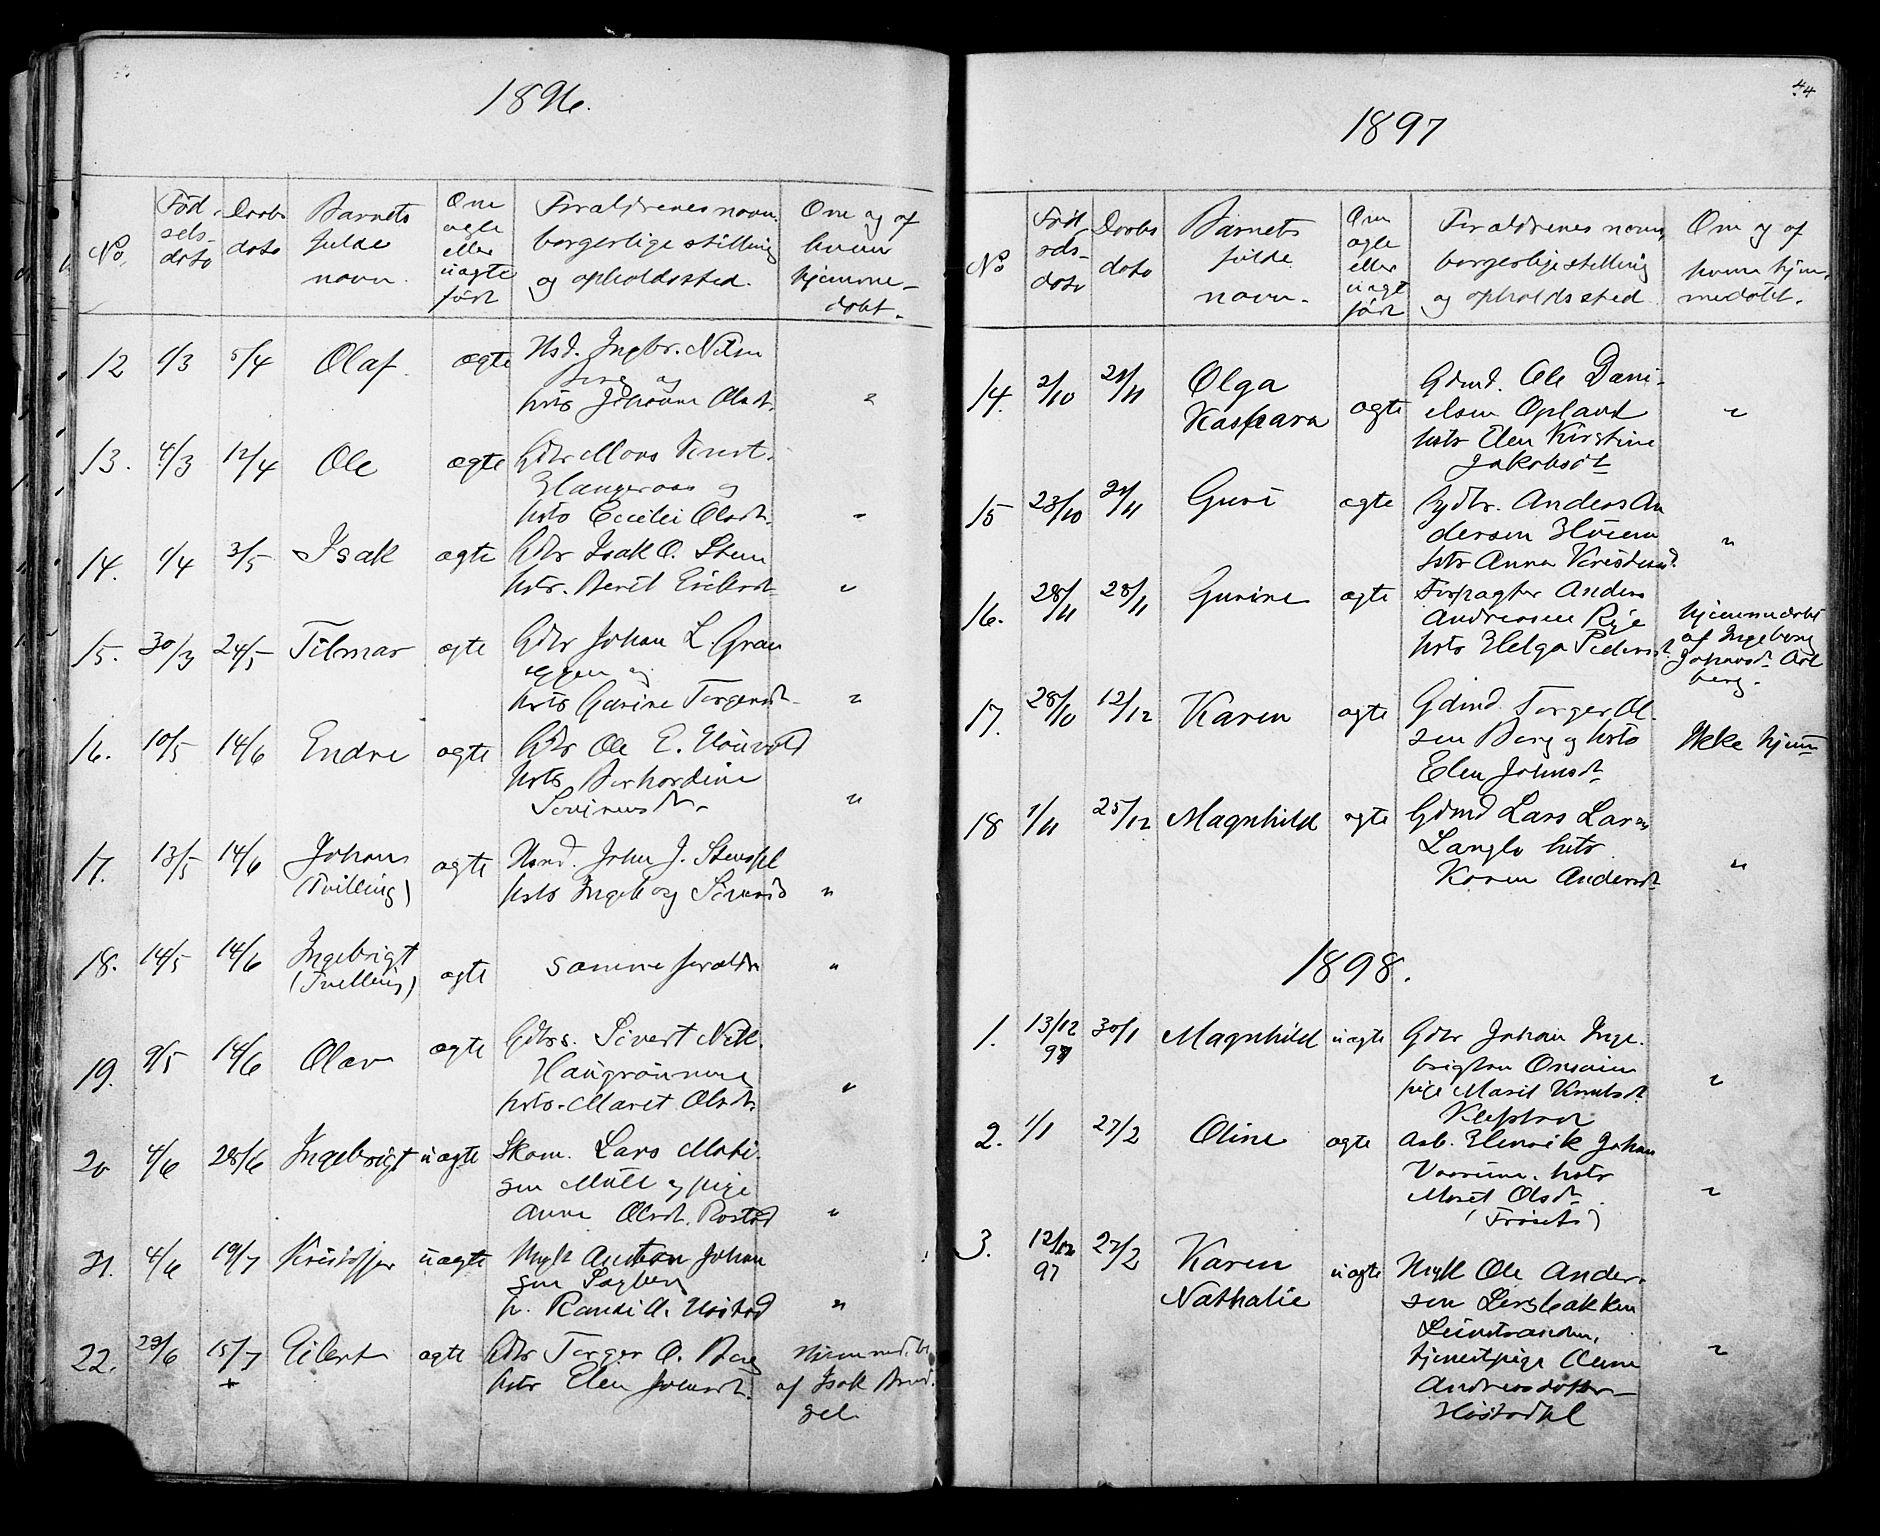 SAT, Ministerialprotokoller, klokkerbøker og fødselsregistre - Sør-Trøndelag, 612/L0387: Klokkerbok nr. 612C03, 1874-1908, s. 44